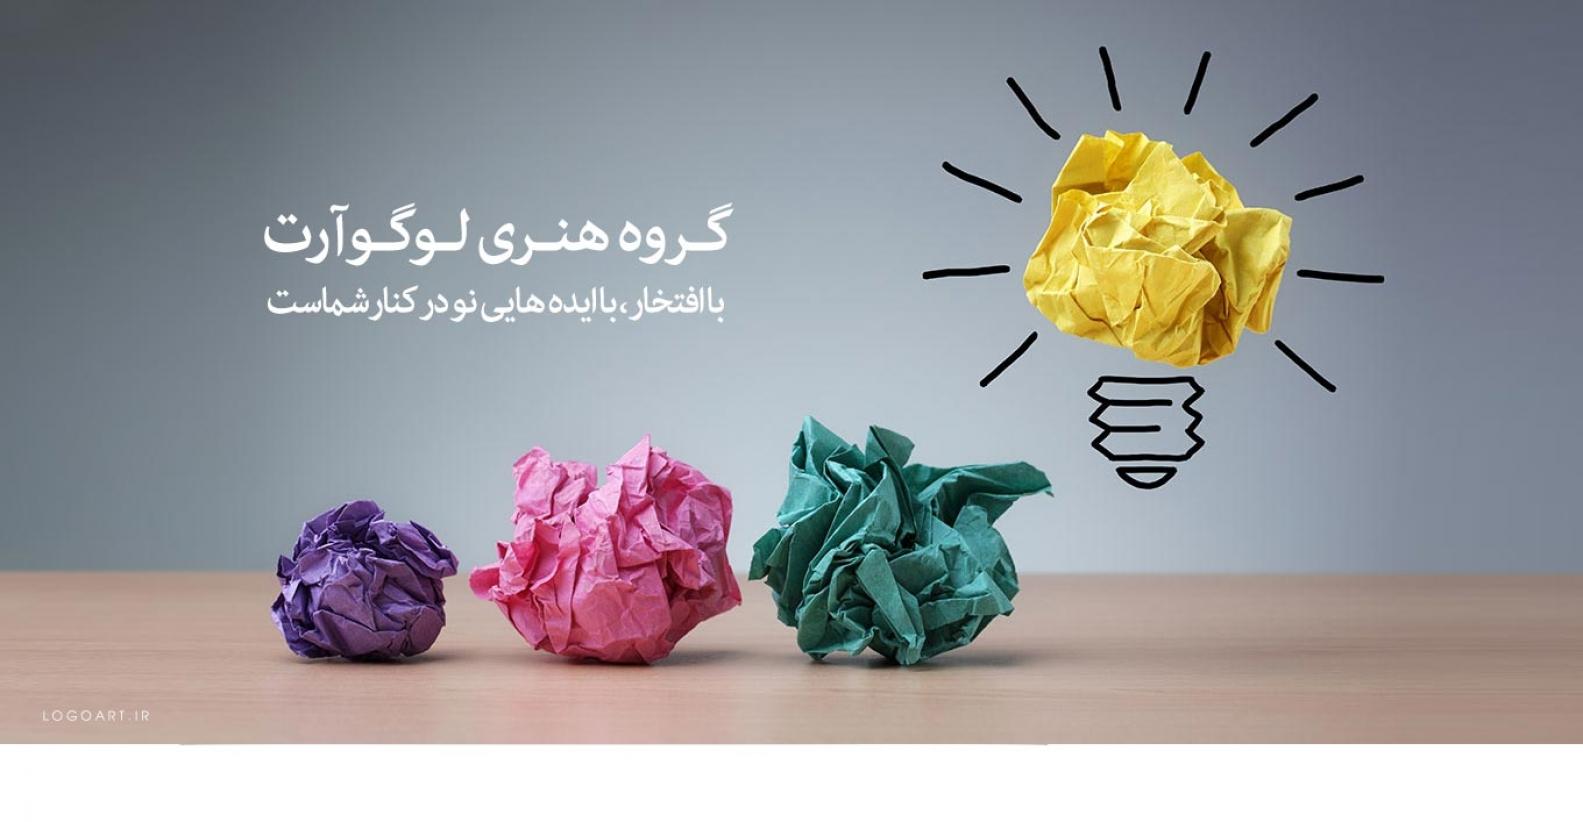 گروه هنری لوگو آرت با افتخار ،  با ایده هایی نو در کنار شماست